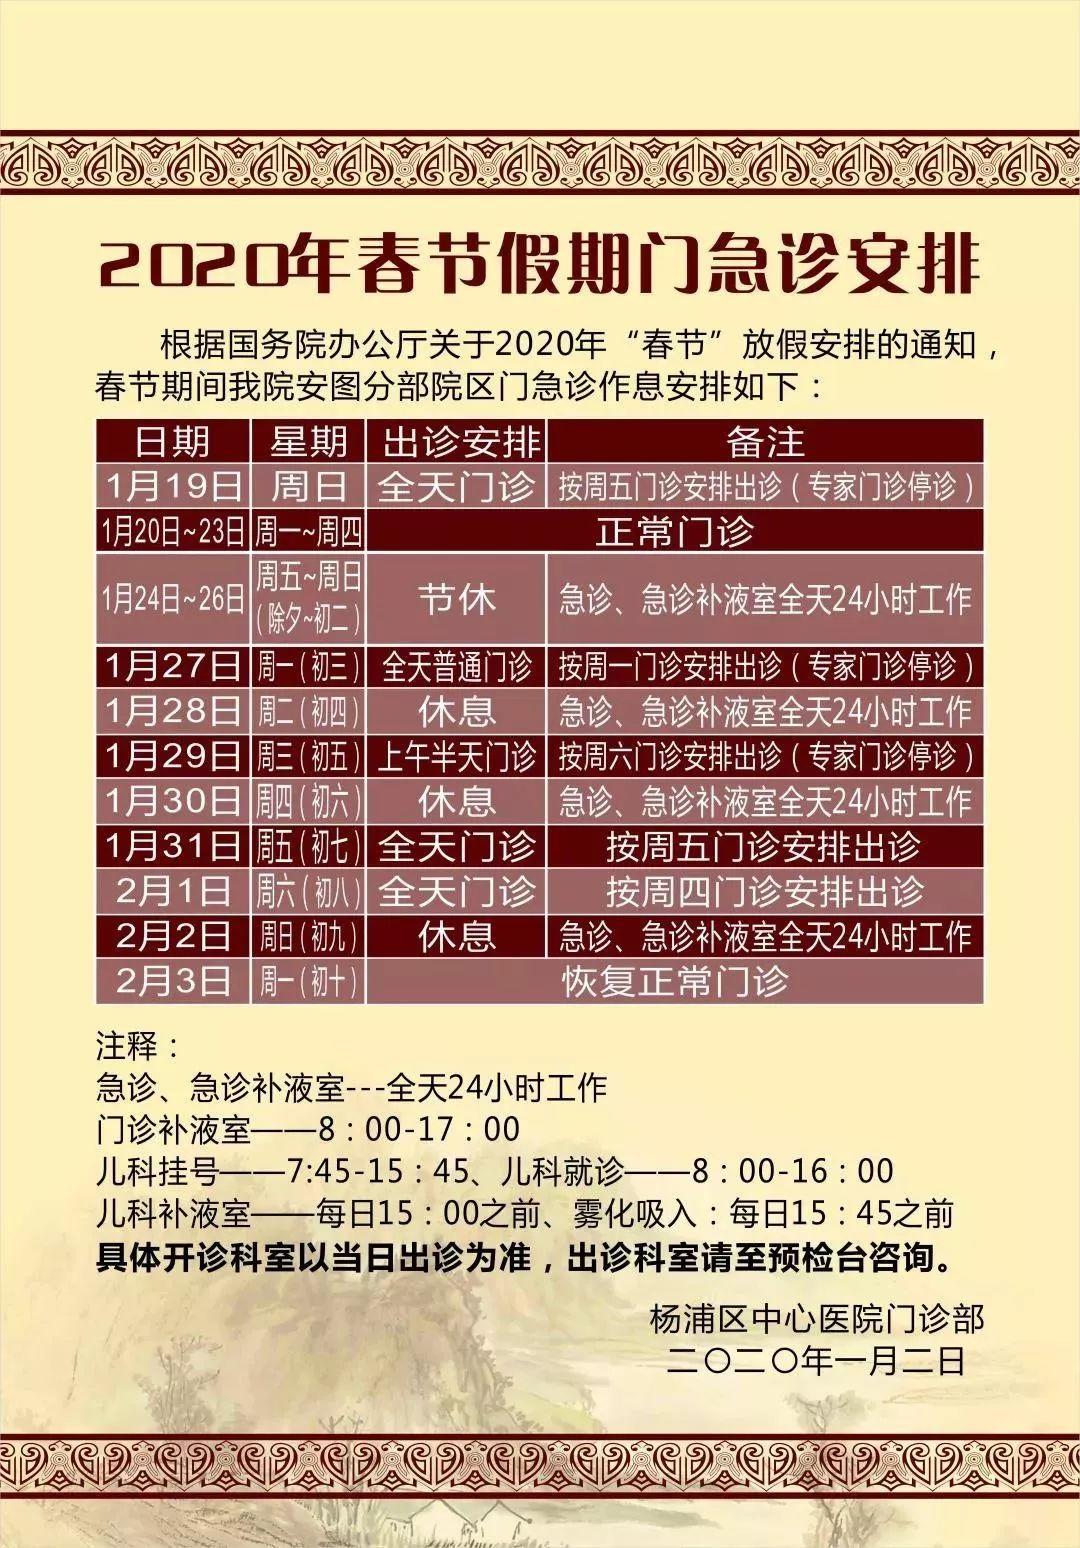 香港向18岁以上永久性居民每人派发1万港币